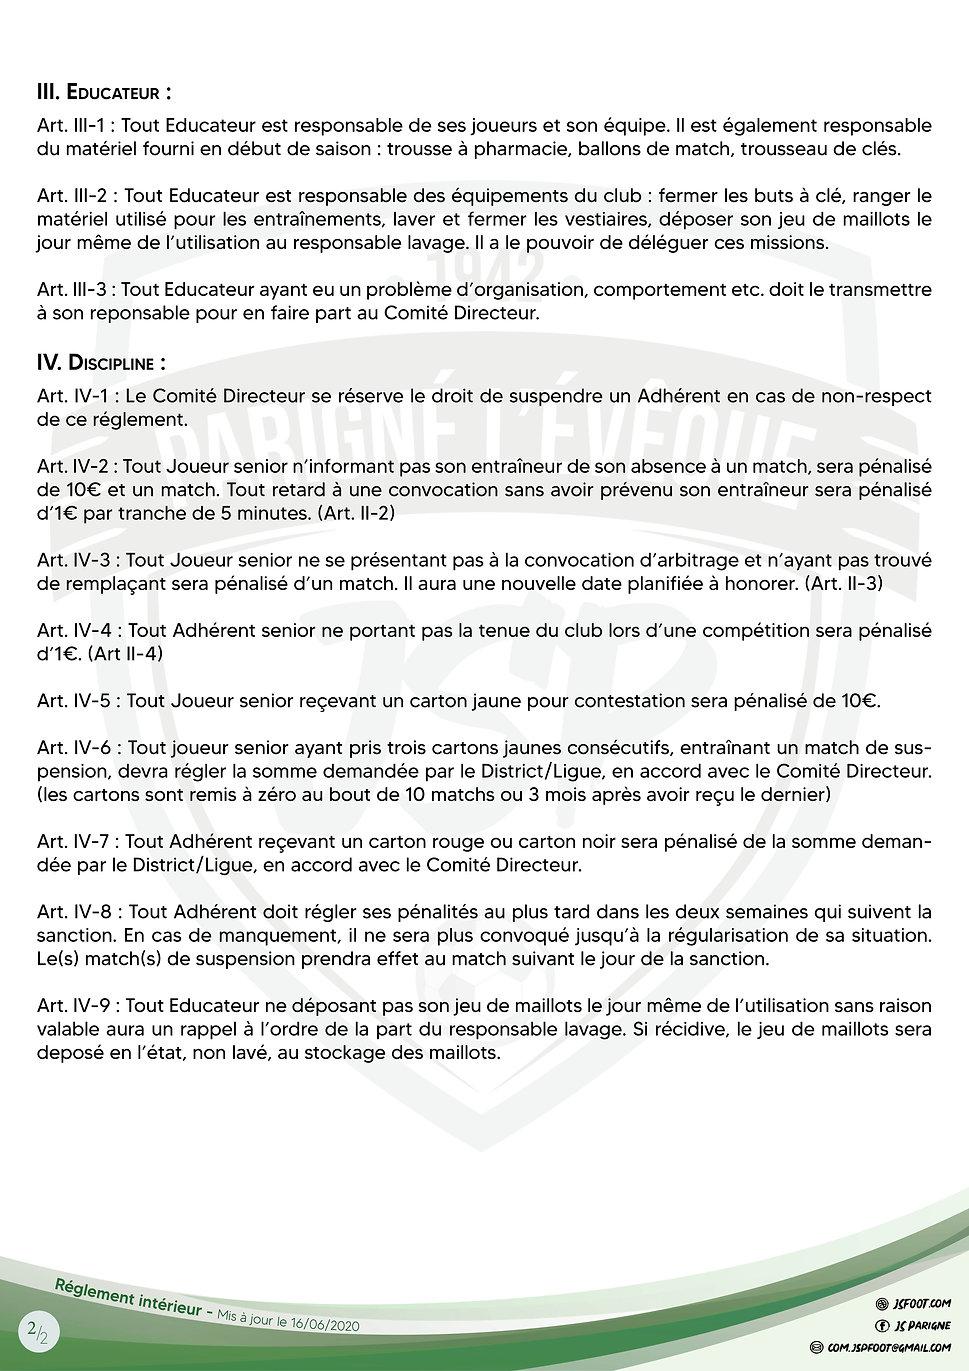 reglement interieur2.jpg